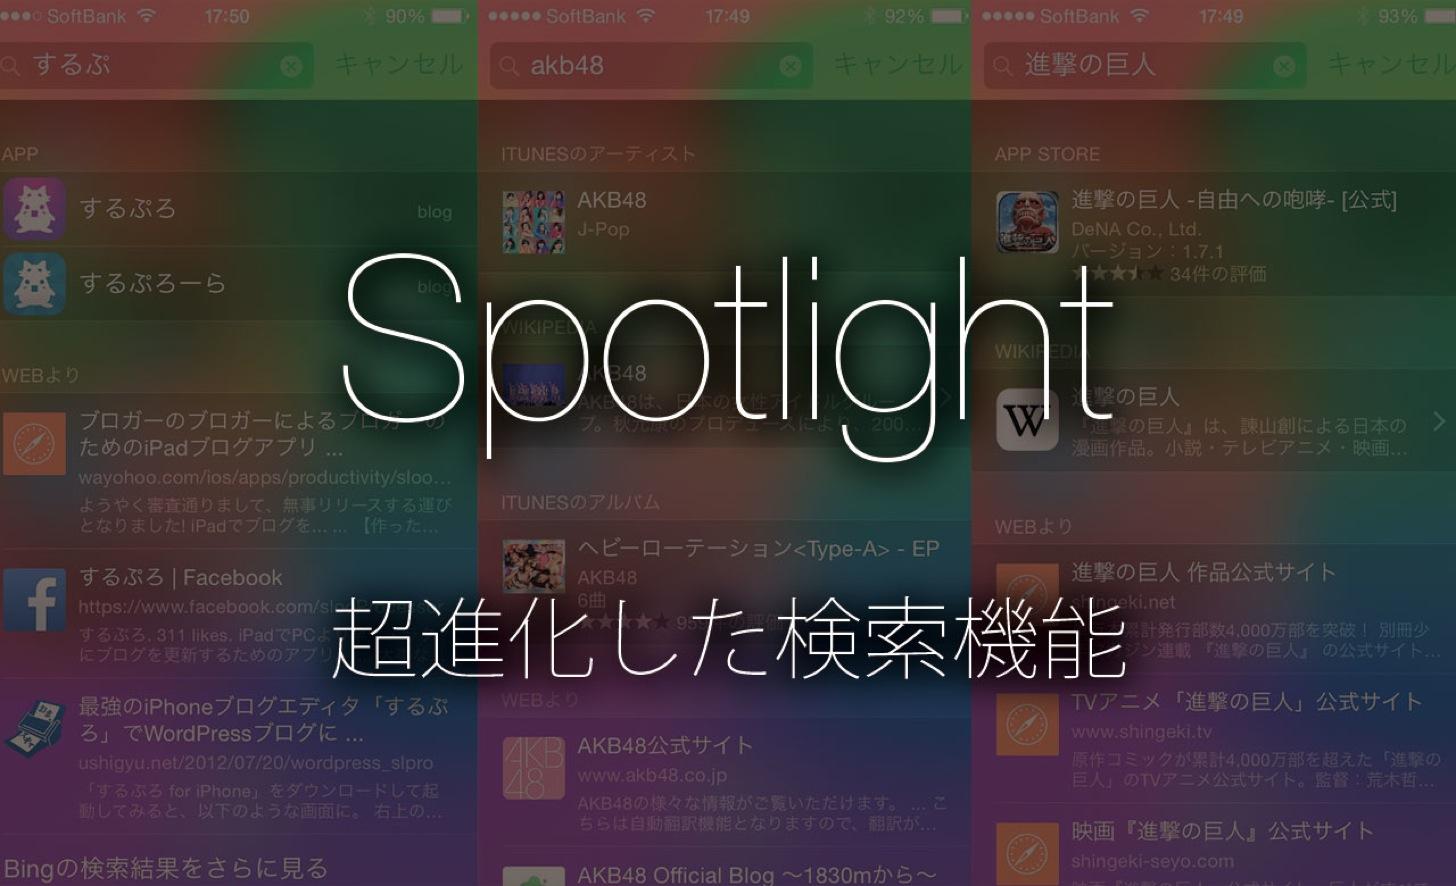 【iOS 8】Spotlight新機能。App StoreやWikipedia、WEBの情報をサクッと検索できるように超進化。【使い方】